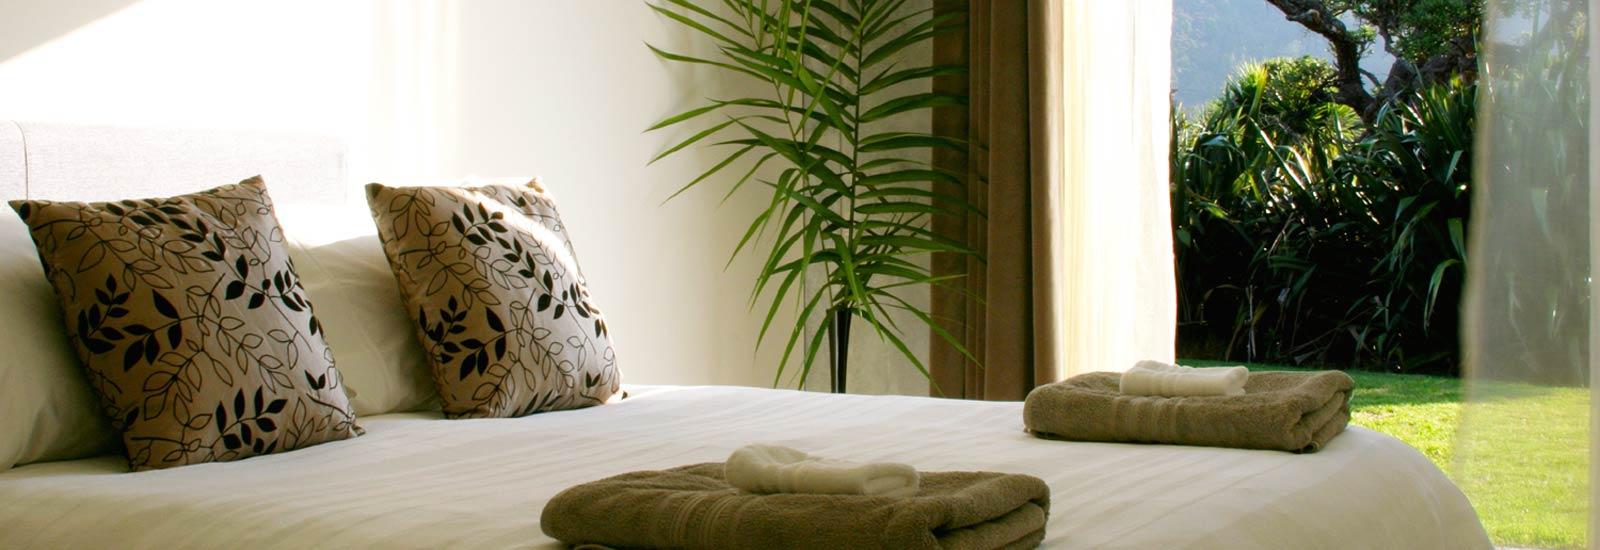 Te Whara luxury accommodation